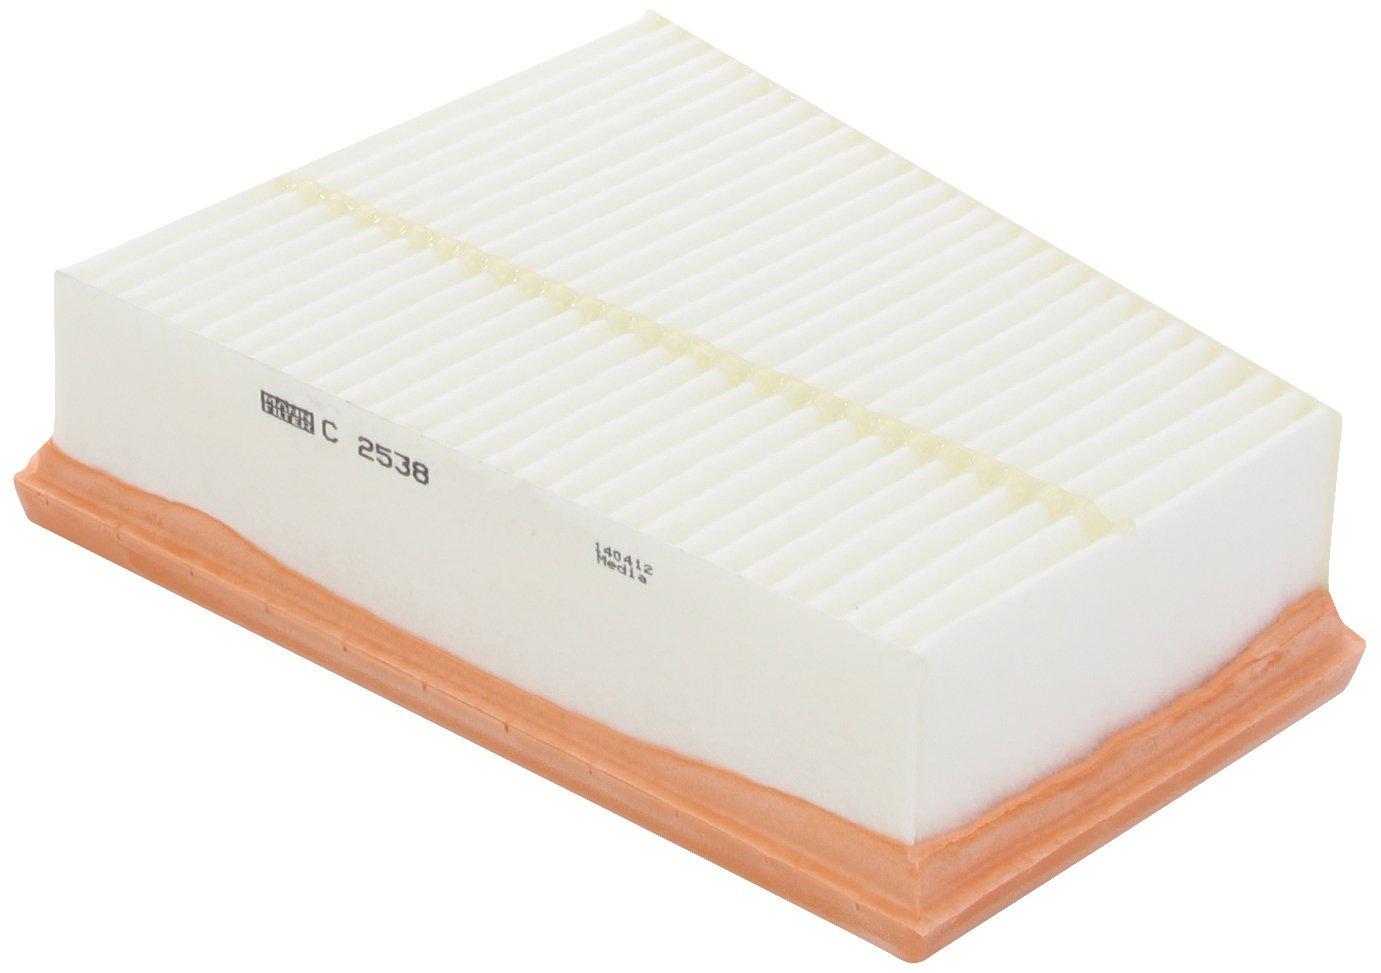 Mann Filter C2538 Filtro de Aire product image